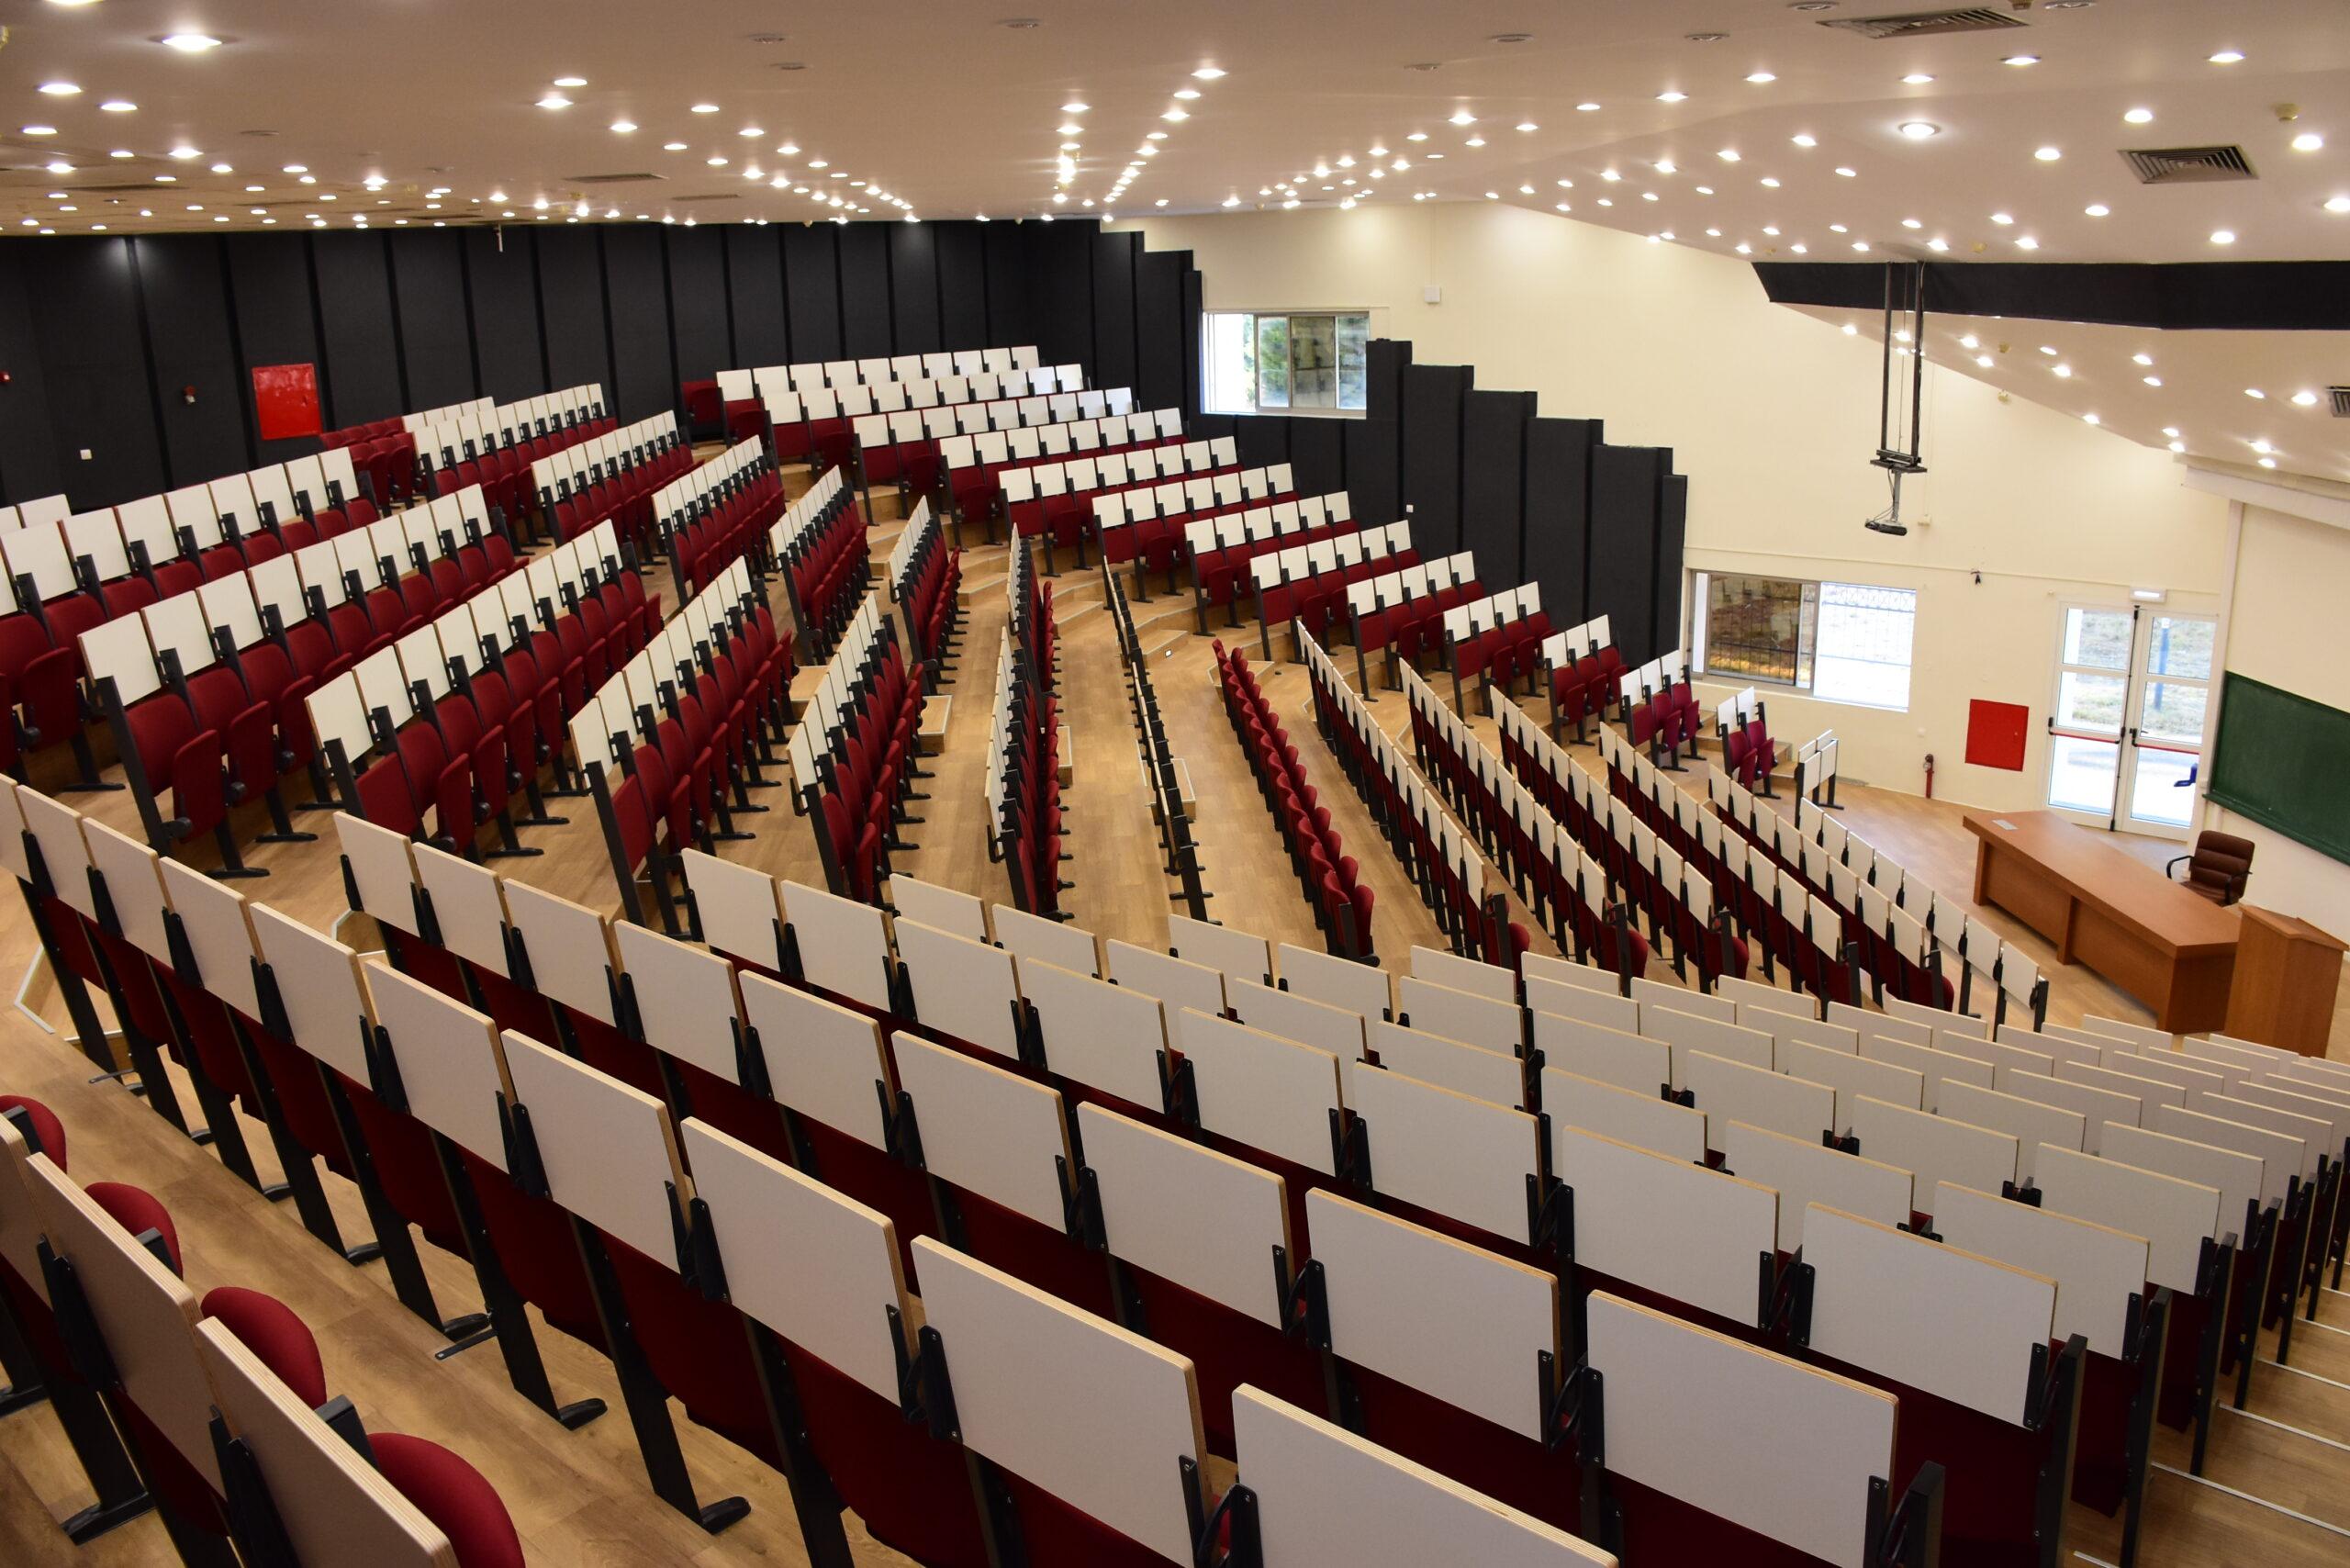 Αμφιθέατρο Τμήματος Ιατρικής Πανεπιστημίου Πατρών